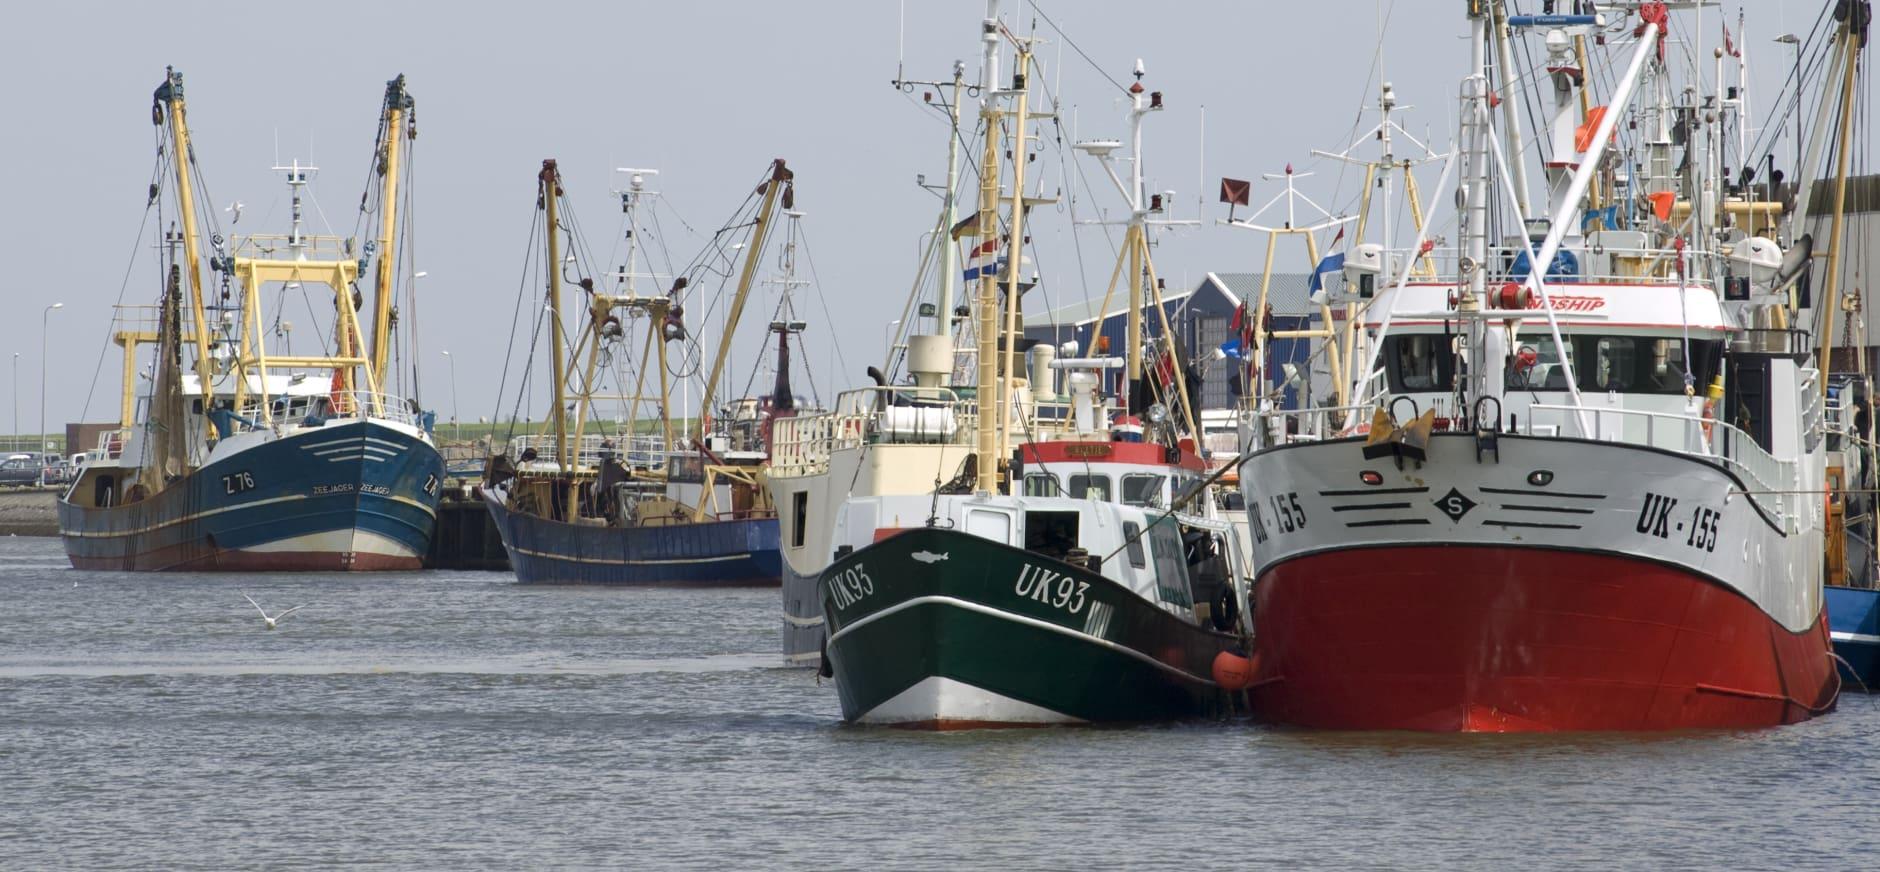 Garnalenvisserij wordt duurzamer met nieuwe natuurvergunning